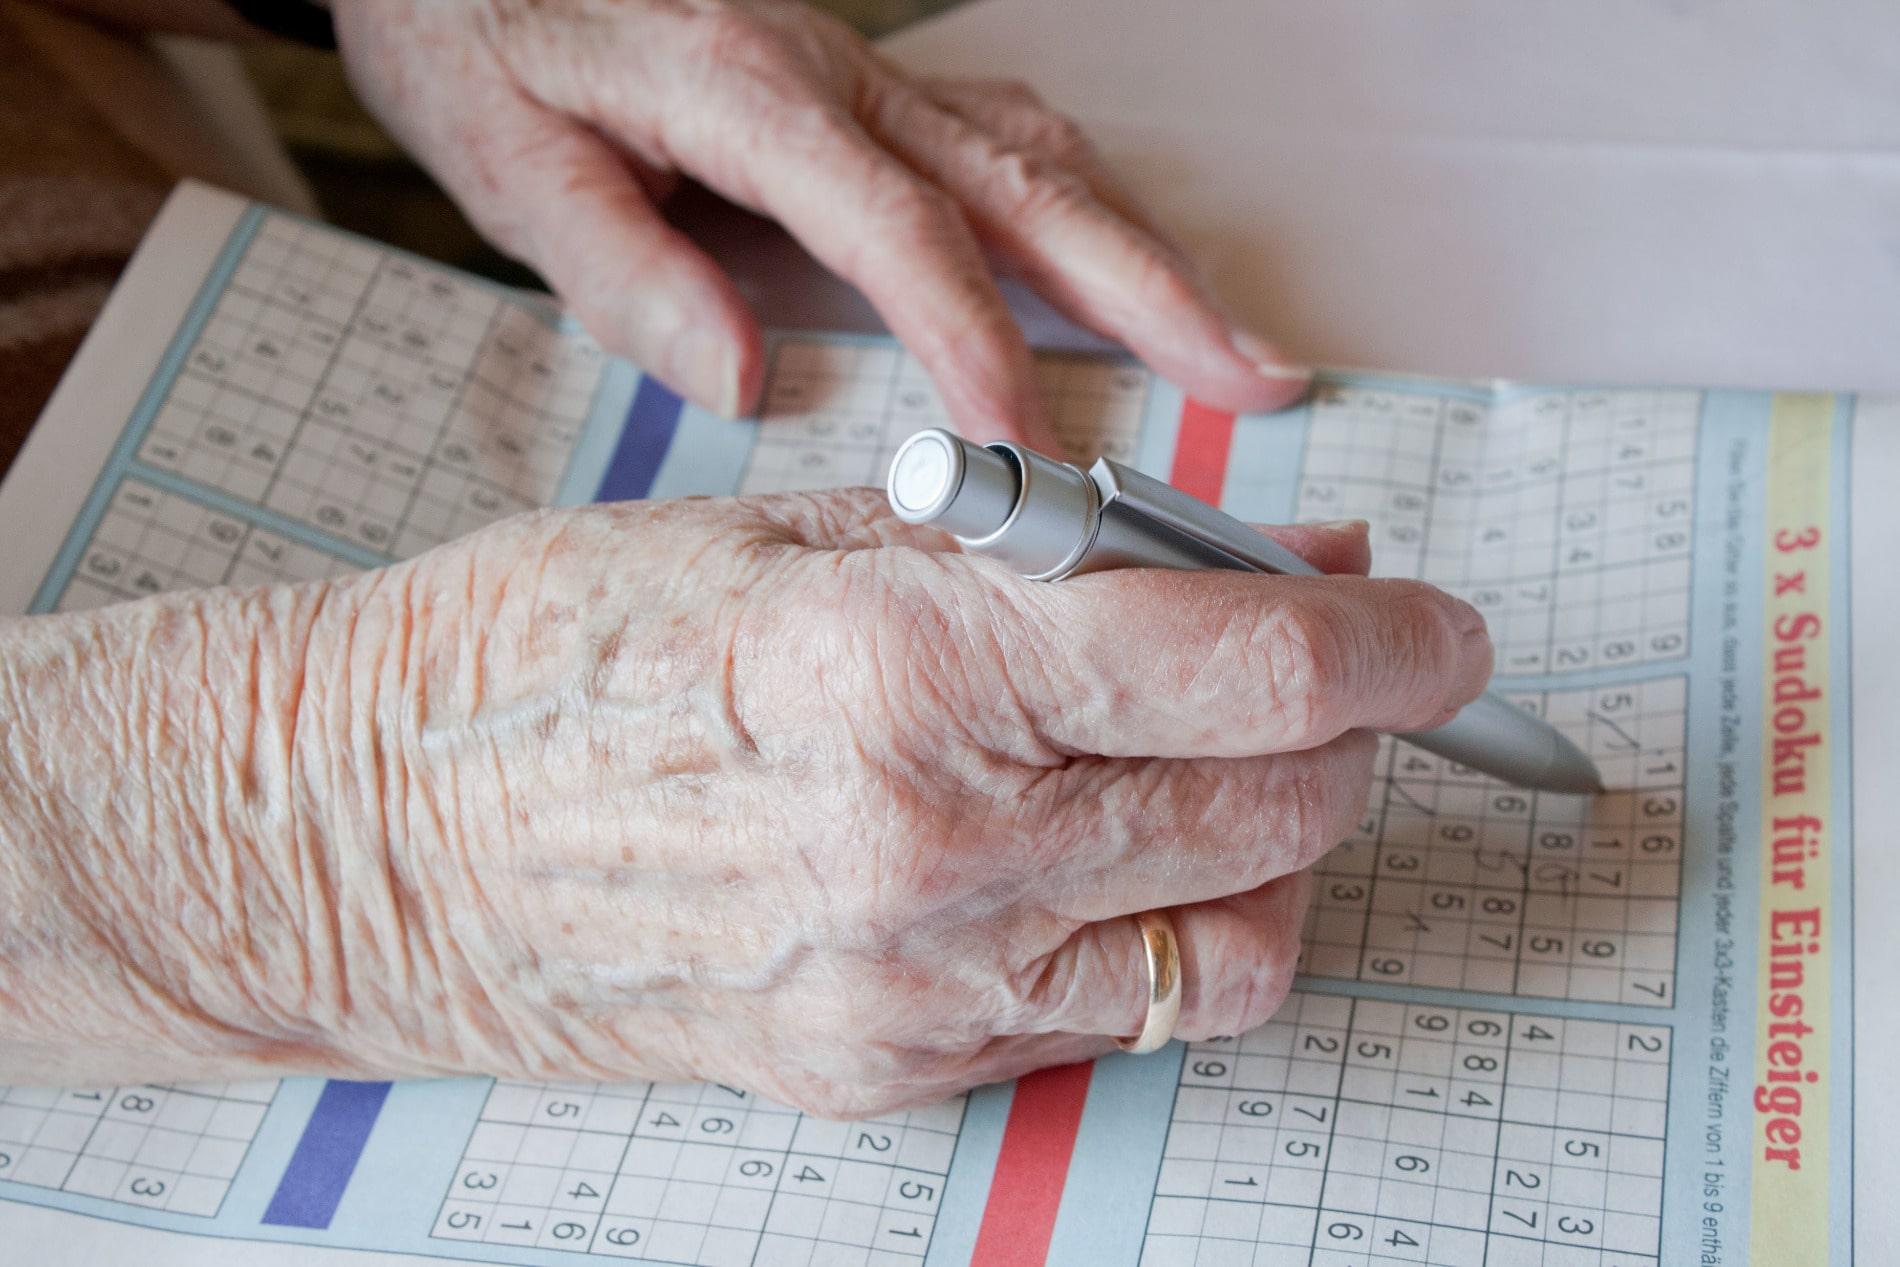 Foto der Hände einer älteren Frau beim Lösen eines Sudoku-Rätsels